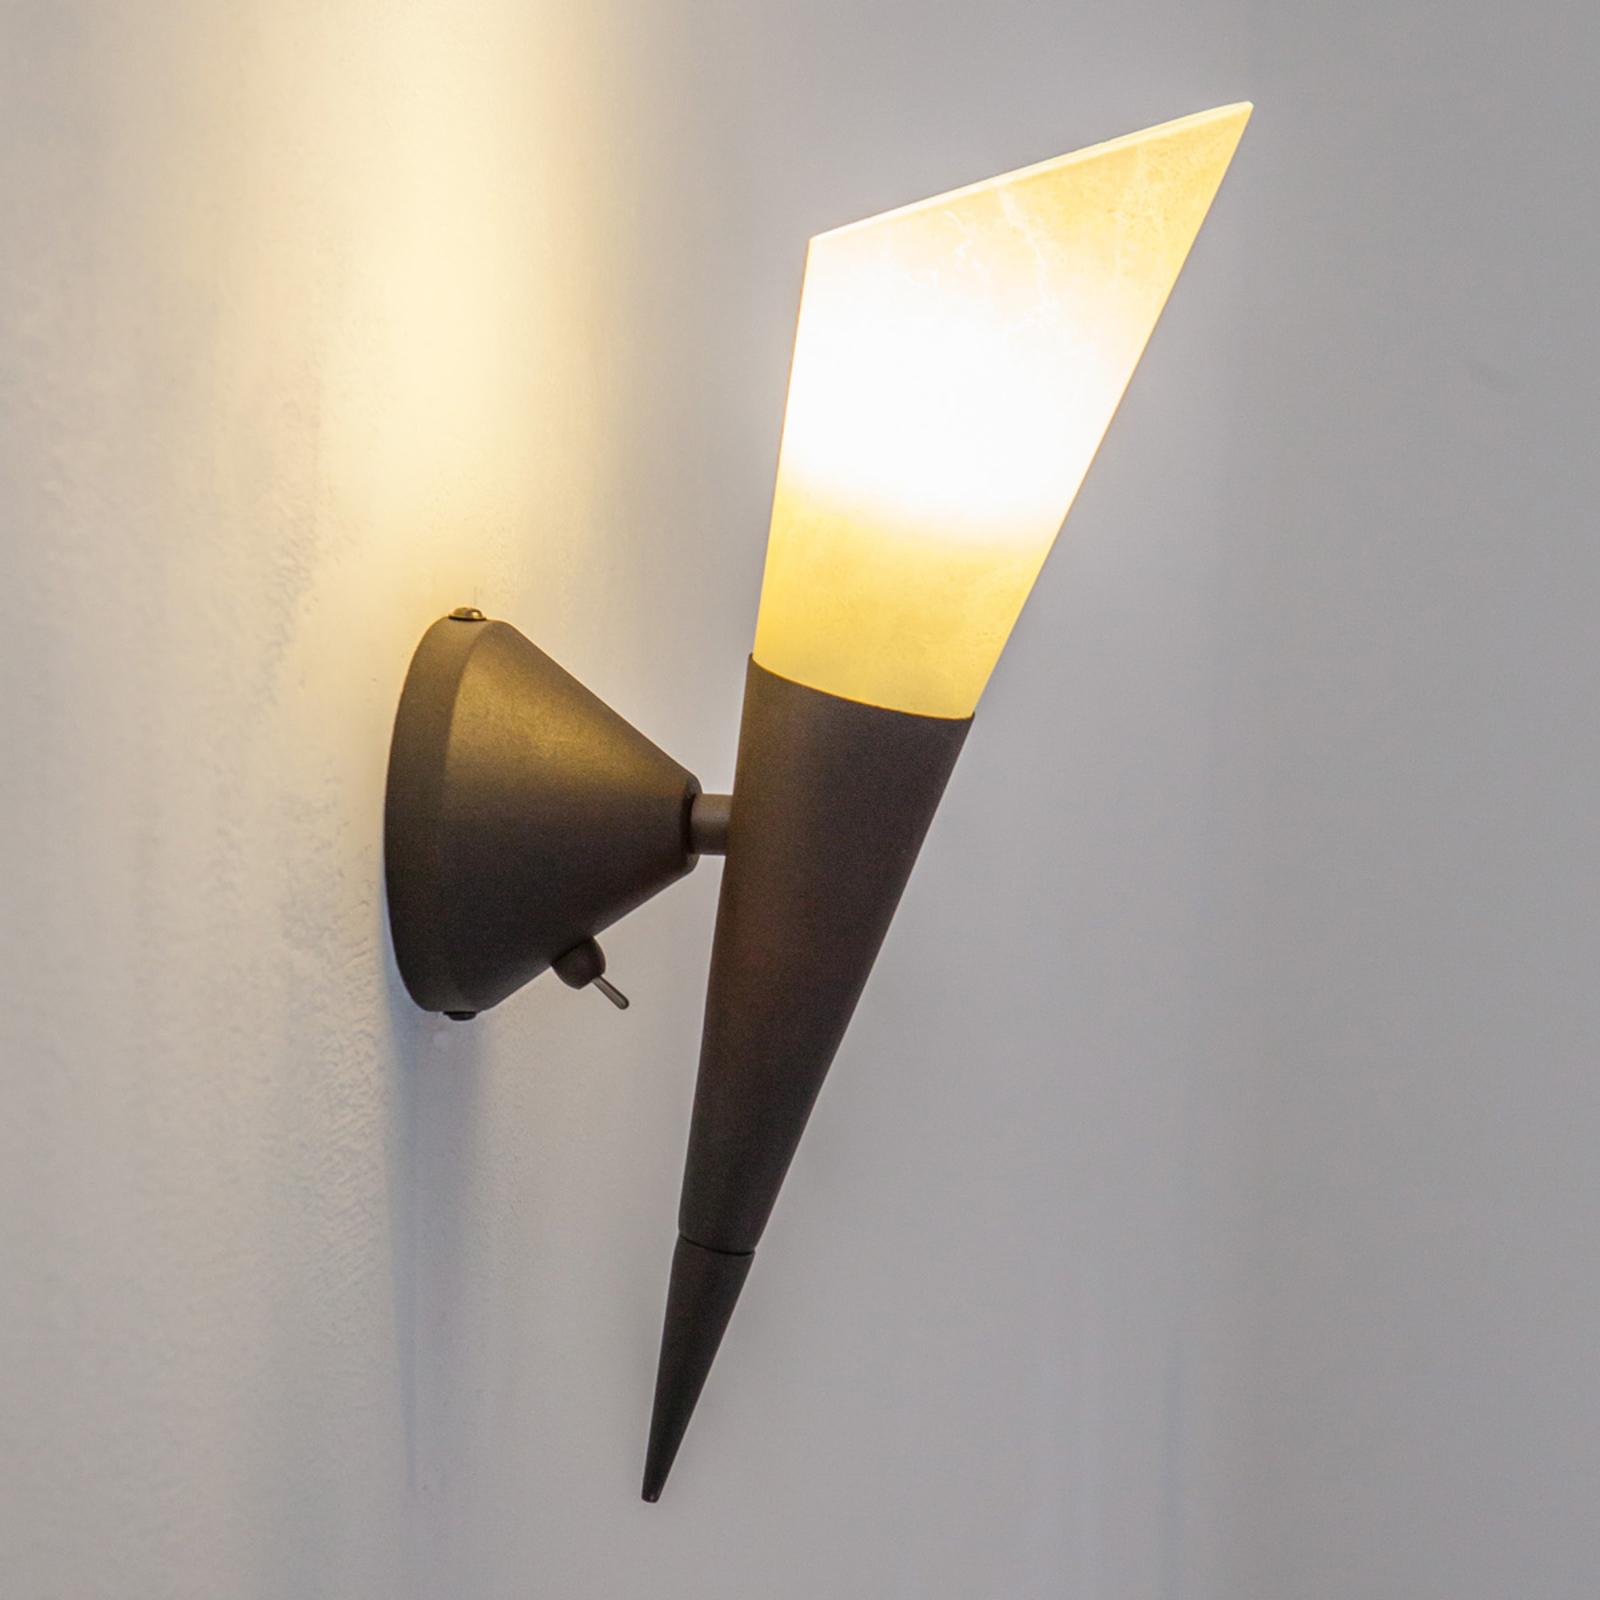 Vägglampa Alva med LED